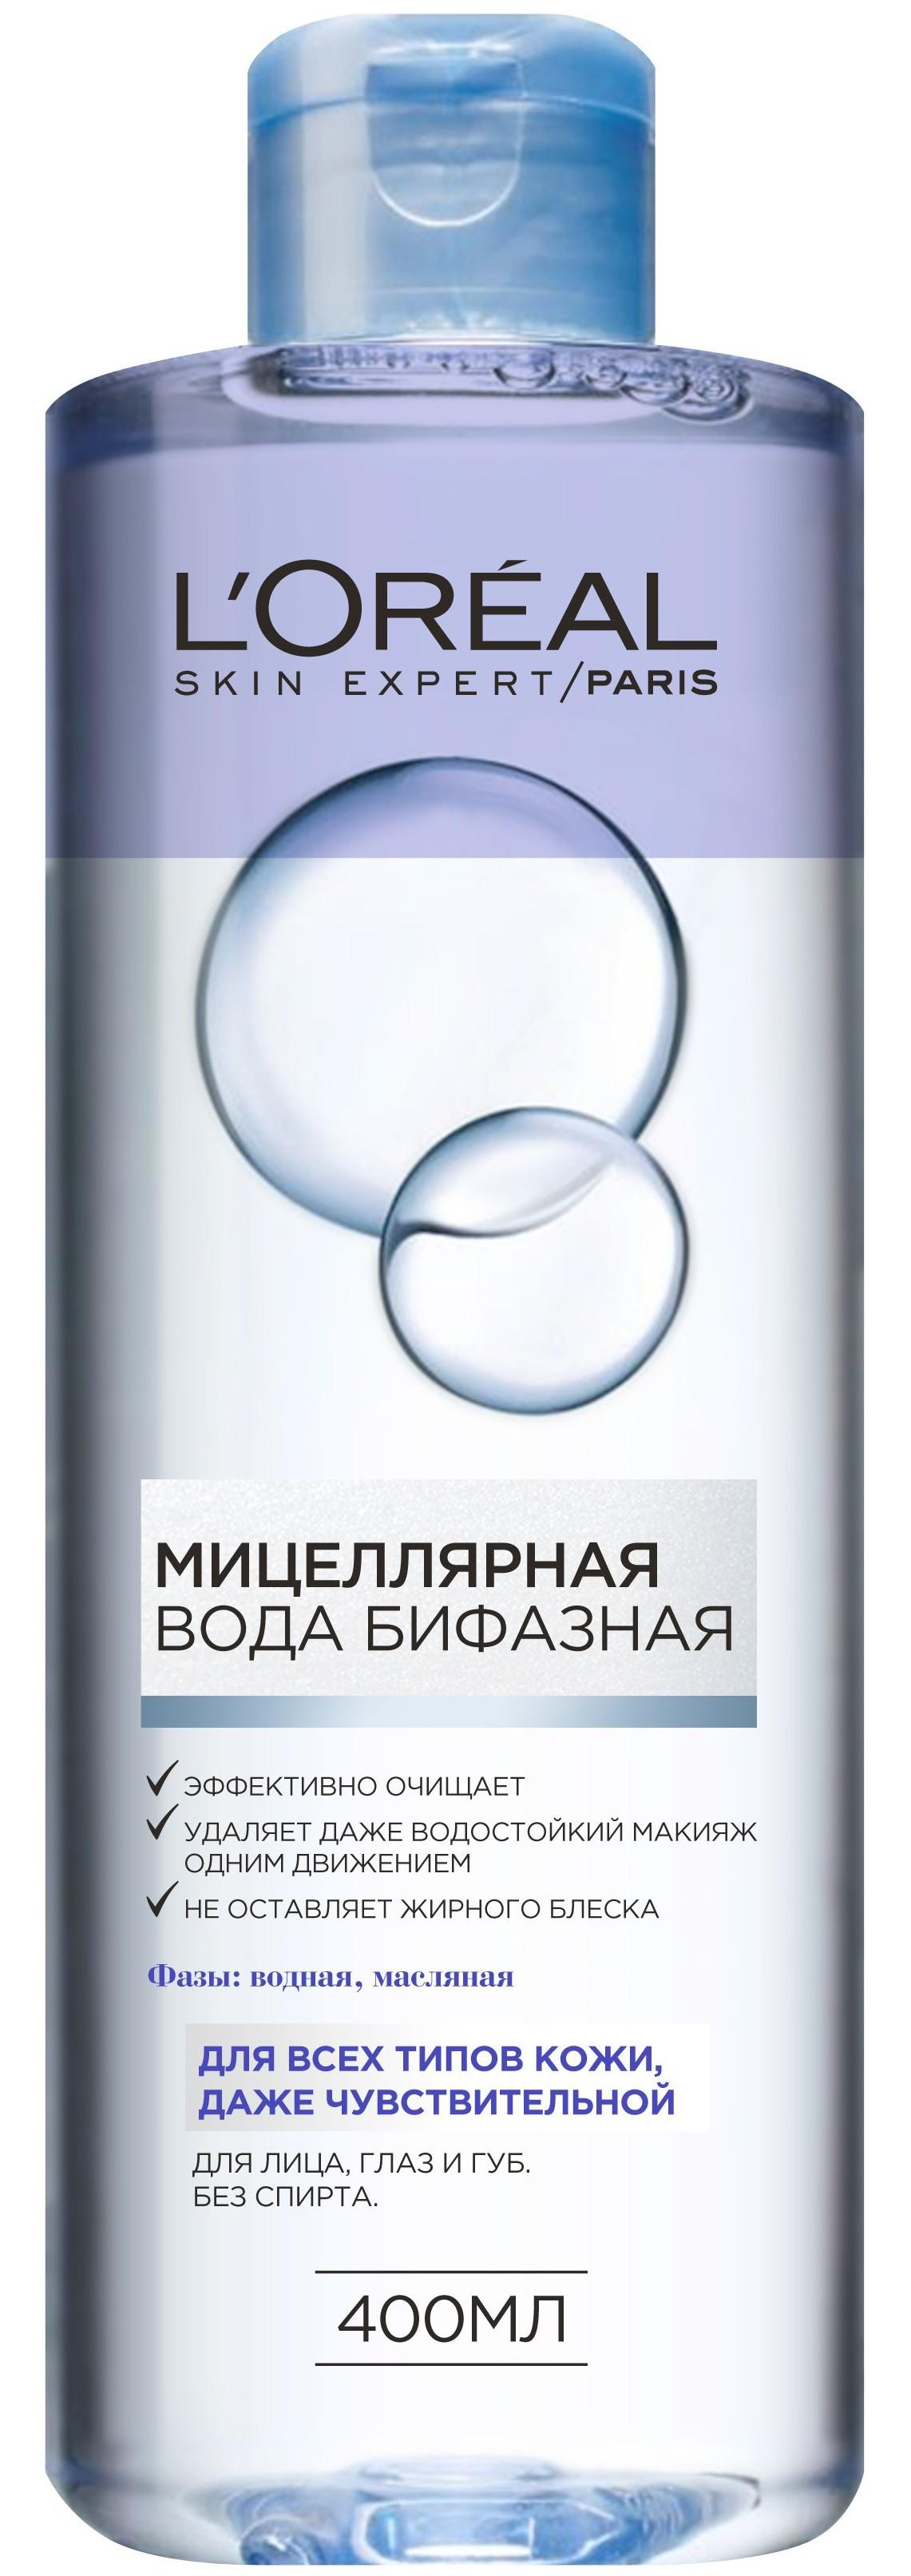 L'Oreal Paris Мицeллярная вода Бифазная, для всех типов кожи, 400 мл l oreal paris бифазная мицеллярная вода бифазная мицеллярная вода